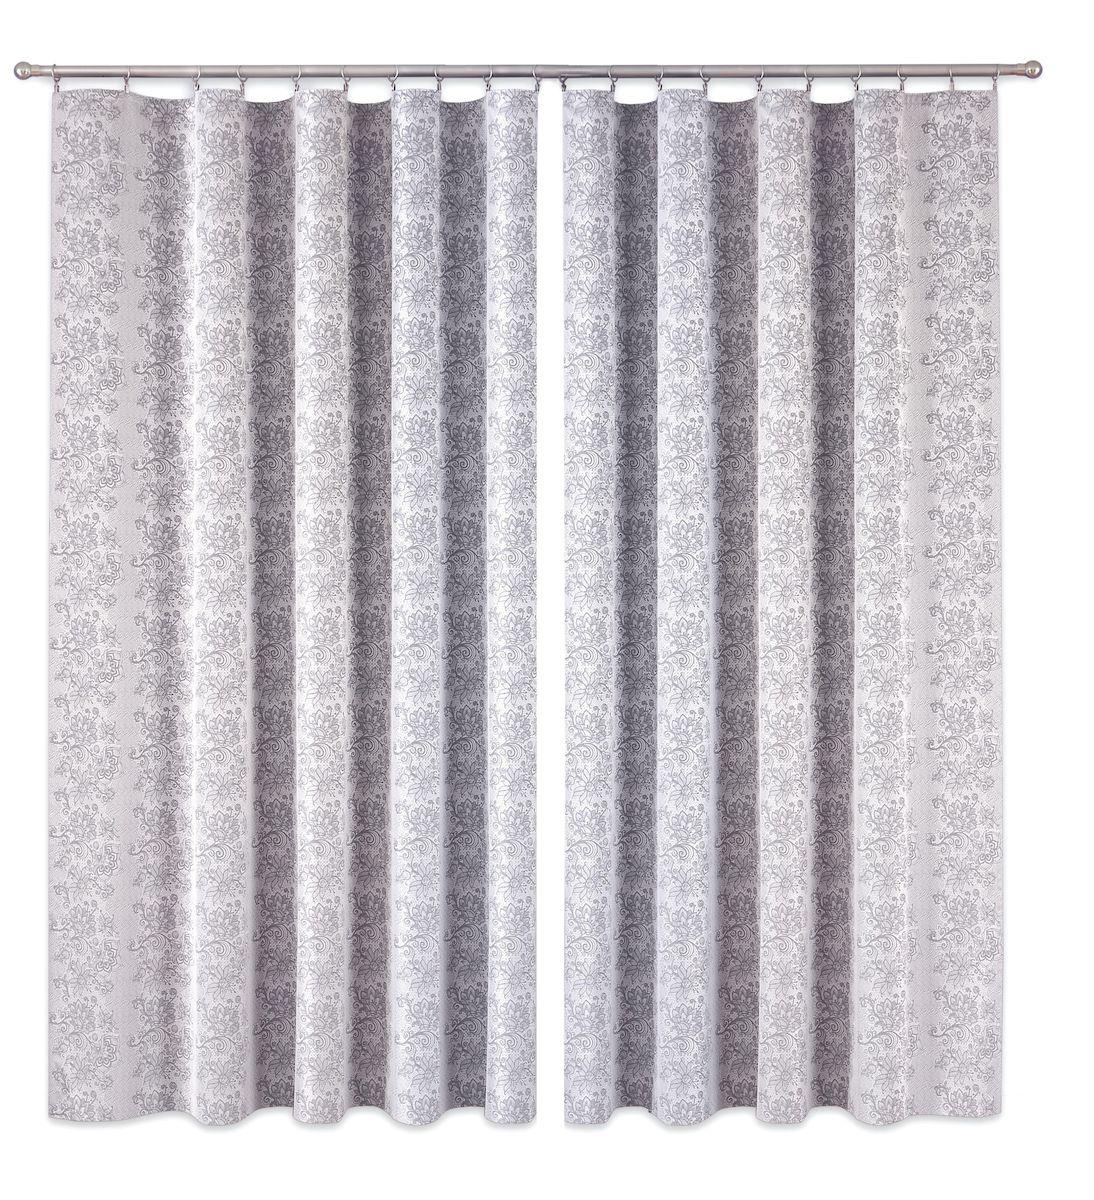 Комплект штор P Primavera Firany, цвет: серый, высота 280 см. 11100171110017Комплект штор из полиэстровой жаккардовой ткани с пришитой шторной лентой. Размер - ширина 180 см высота 280см. Набор 2 штуки. Цвет серый. Размер: ширина 180 х высота 280